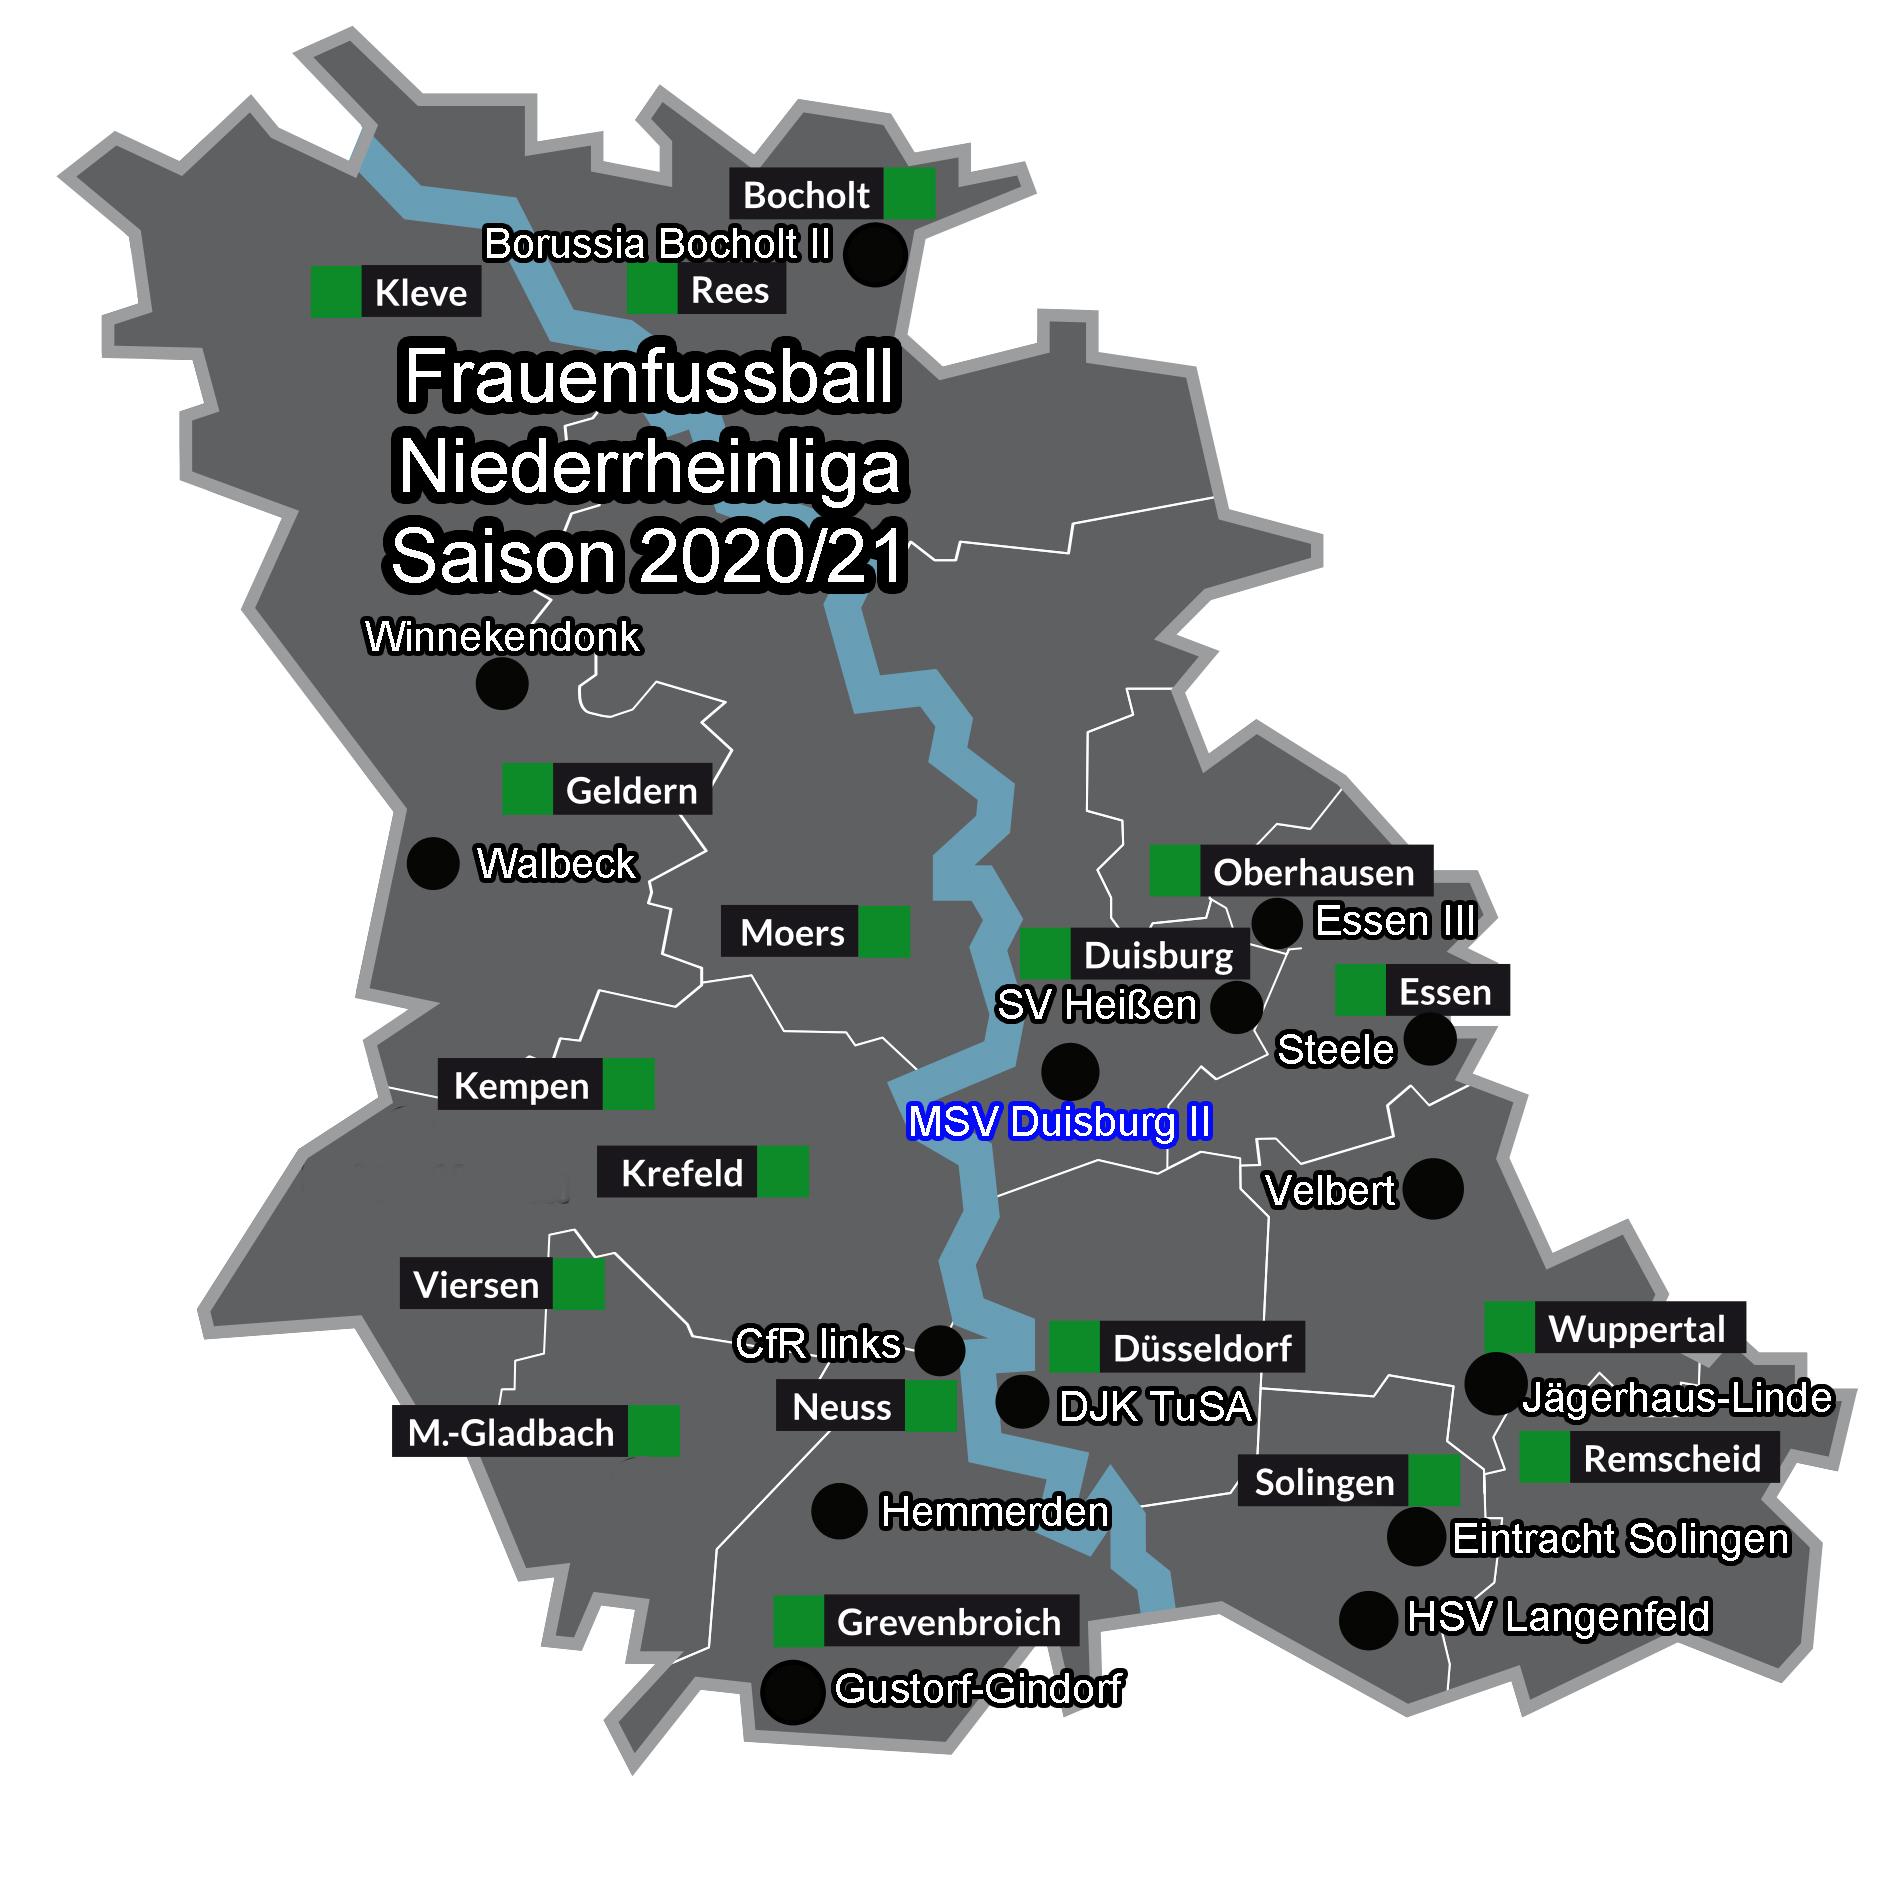 Frauenfussball-Niederrheinliga Saison 2020-21 (2).jpg